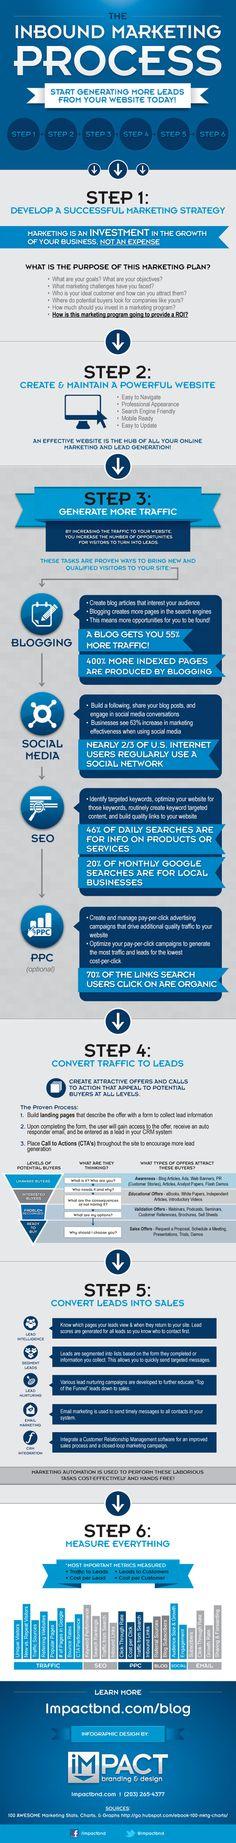 6 Step Inbound Marketing Process